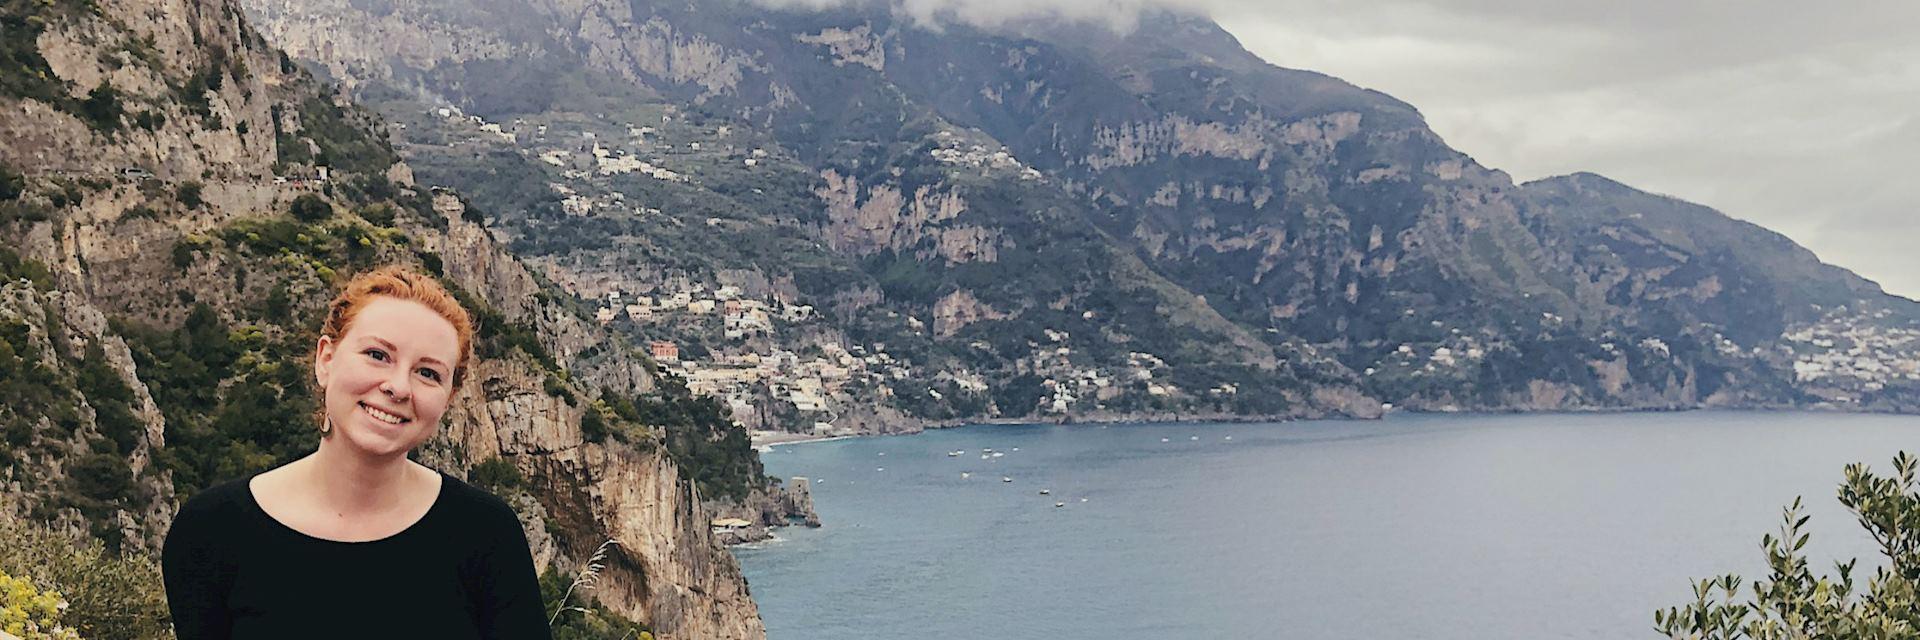 Cissa in Cinque Terre, Italy